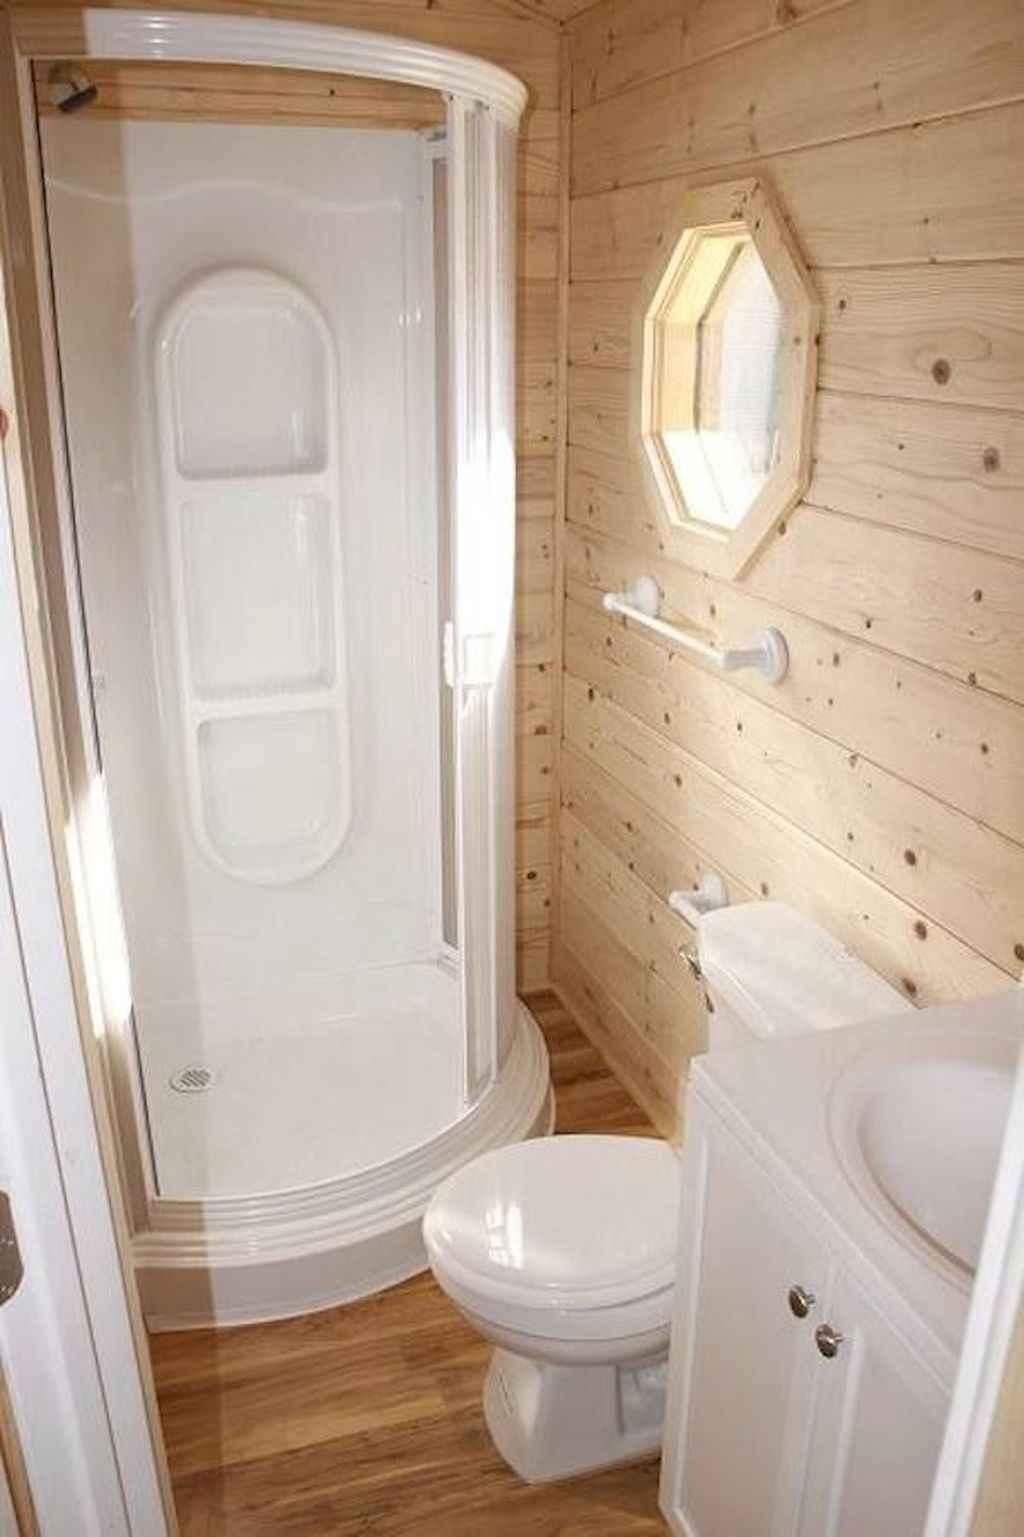 59 Genius Tiny House Bathroom Shower Design Ideas